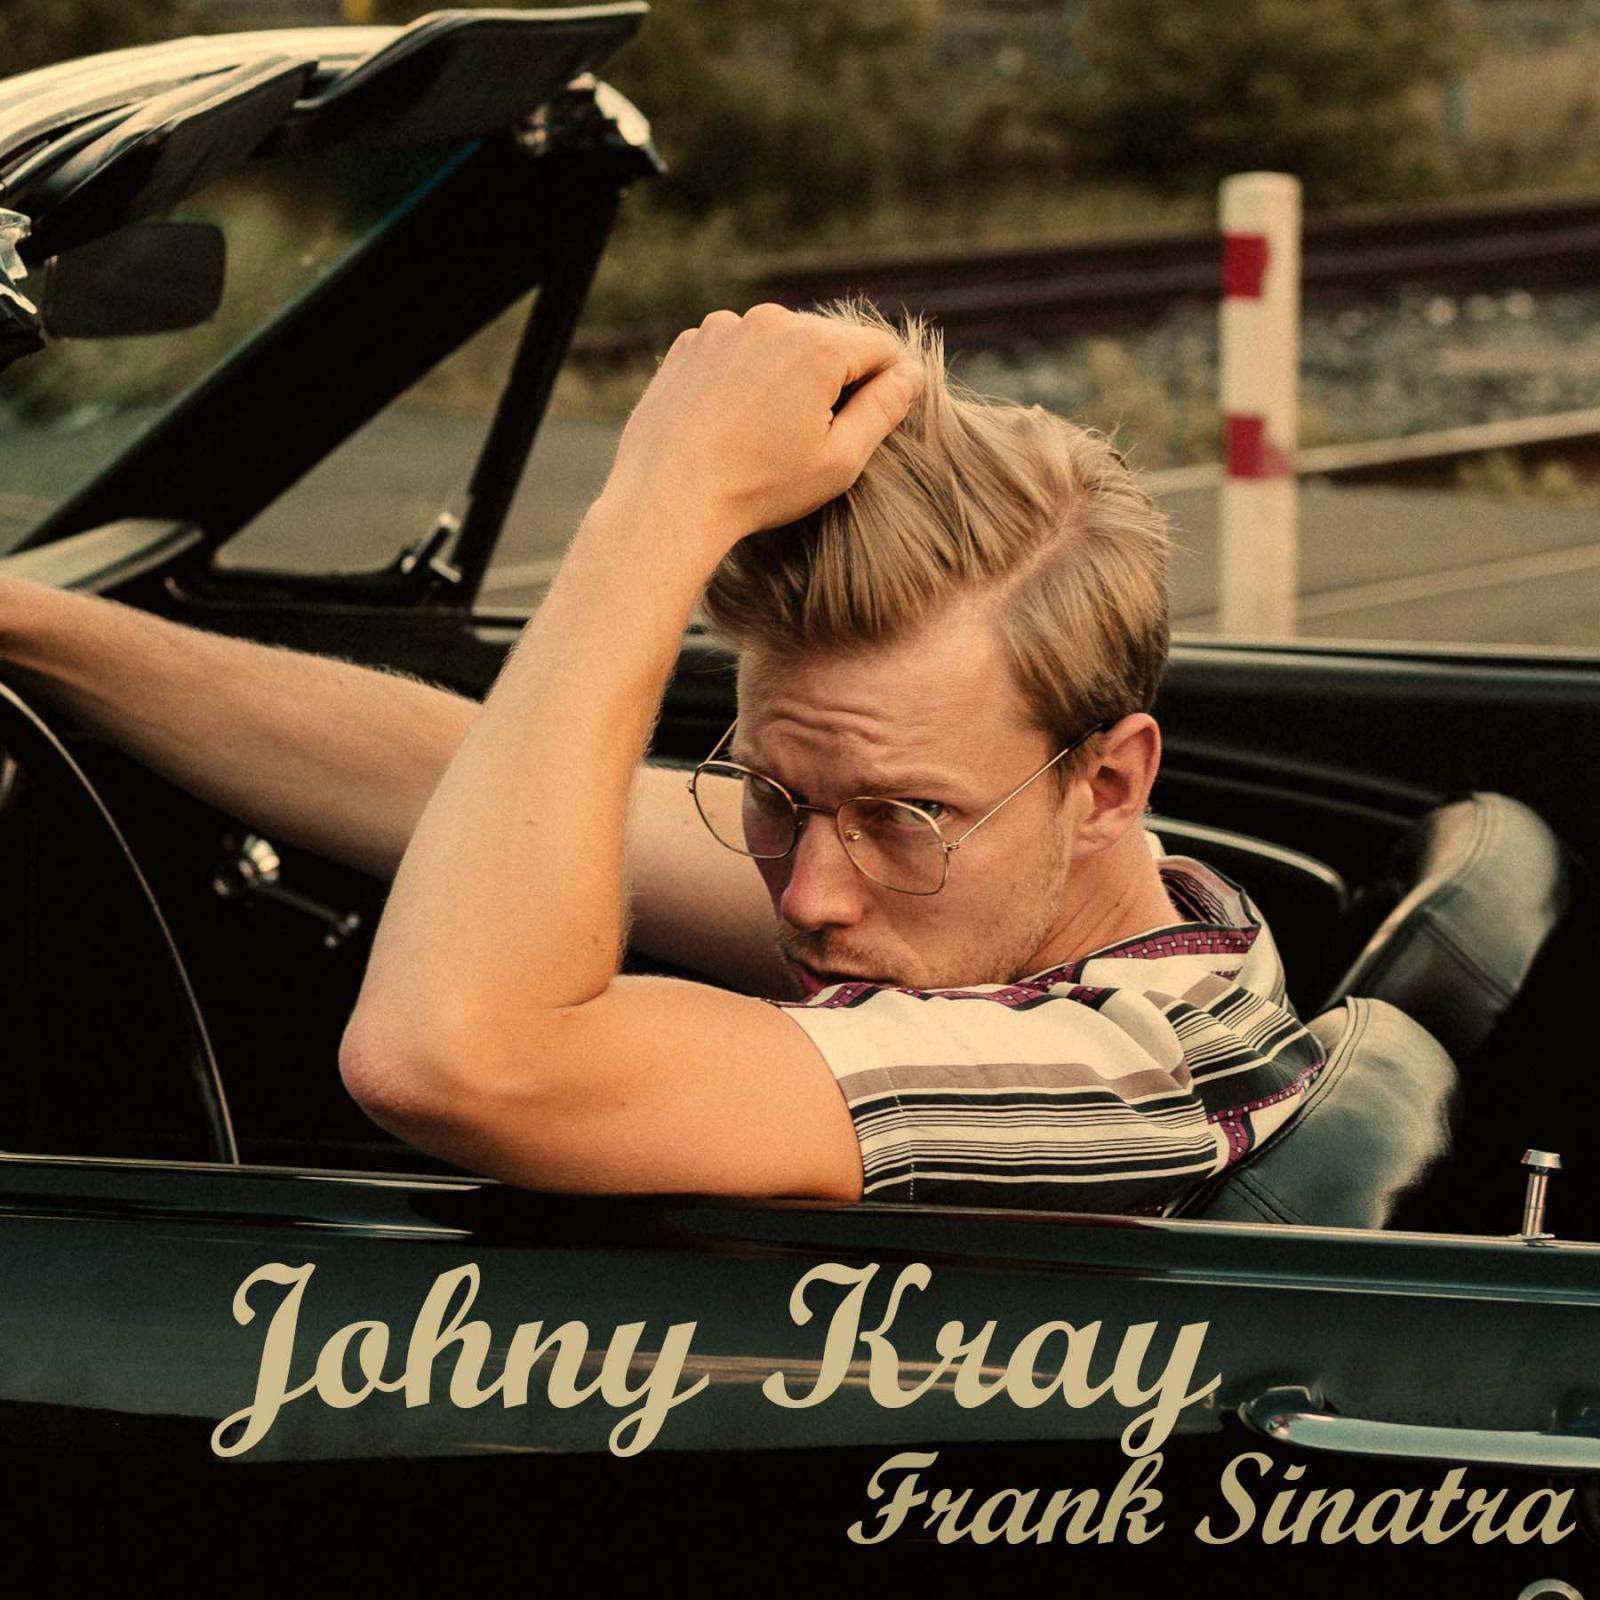 Upcoming: Johny Kray - Frank Sinatra